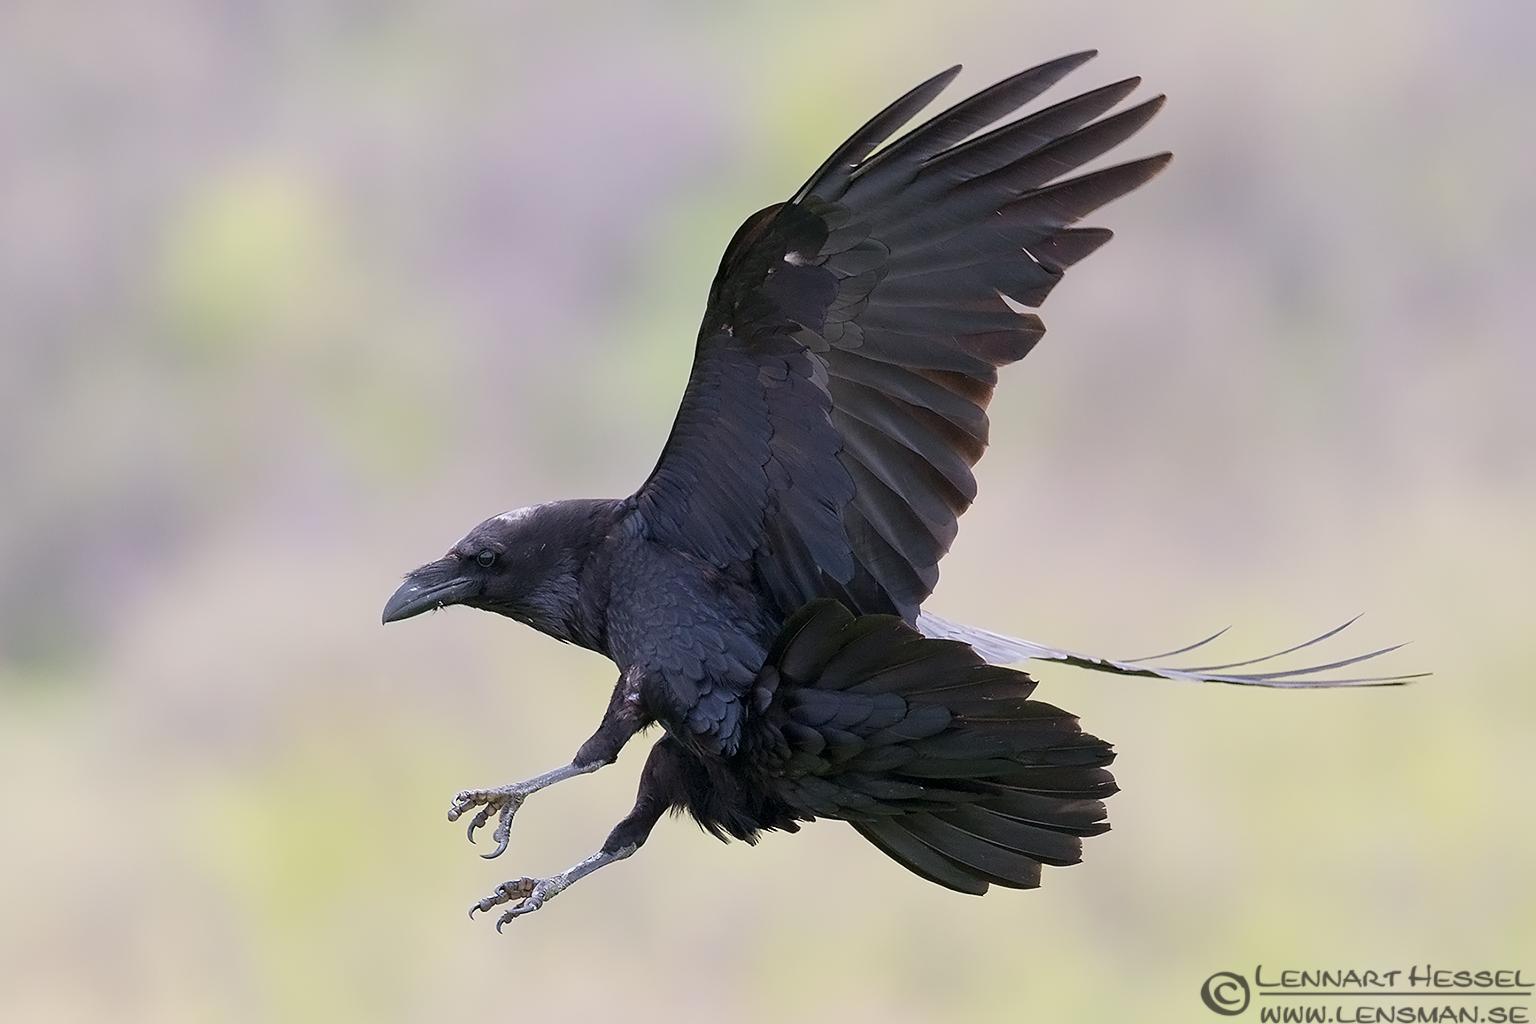 Ravens flying wallpaper - photo#14